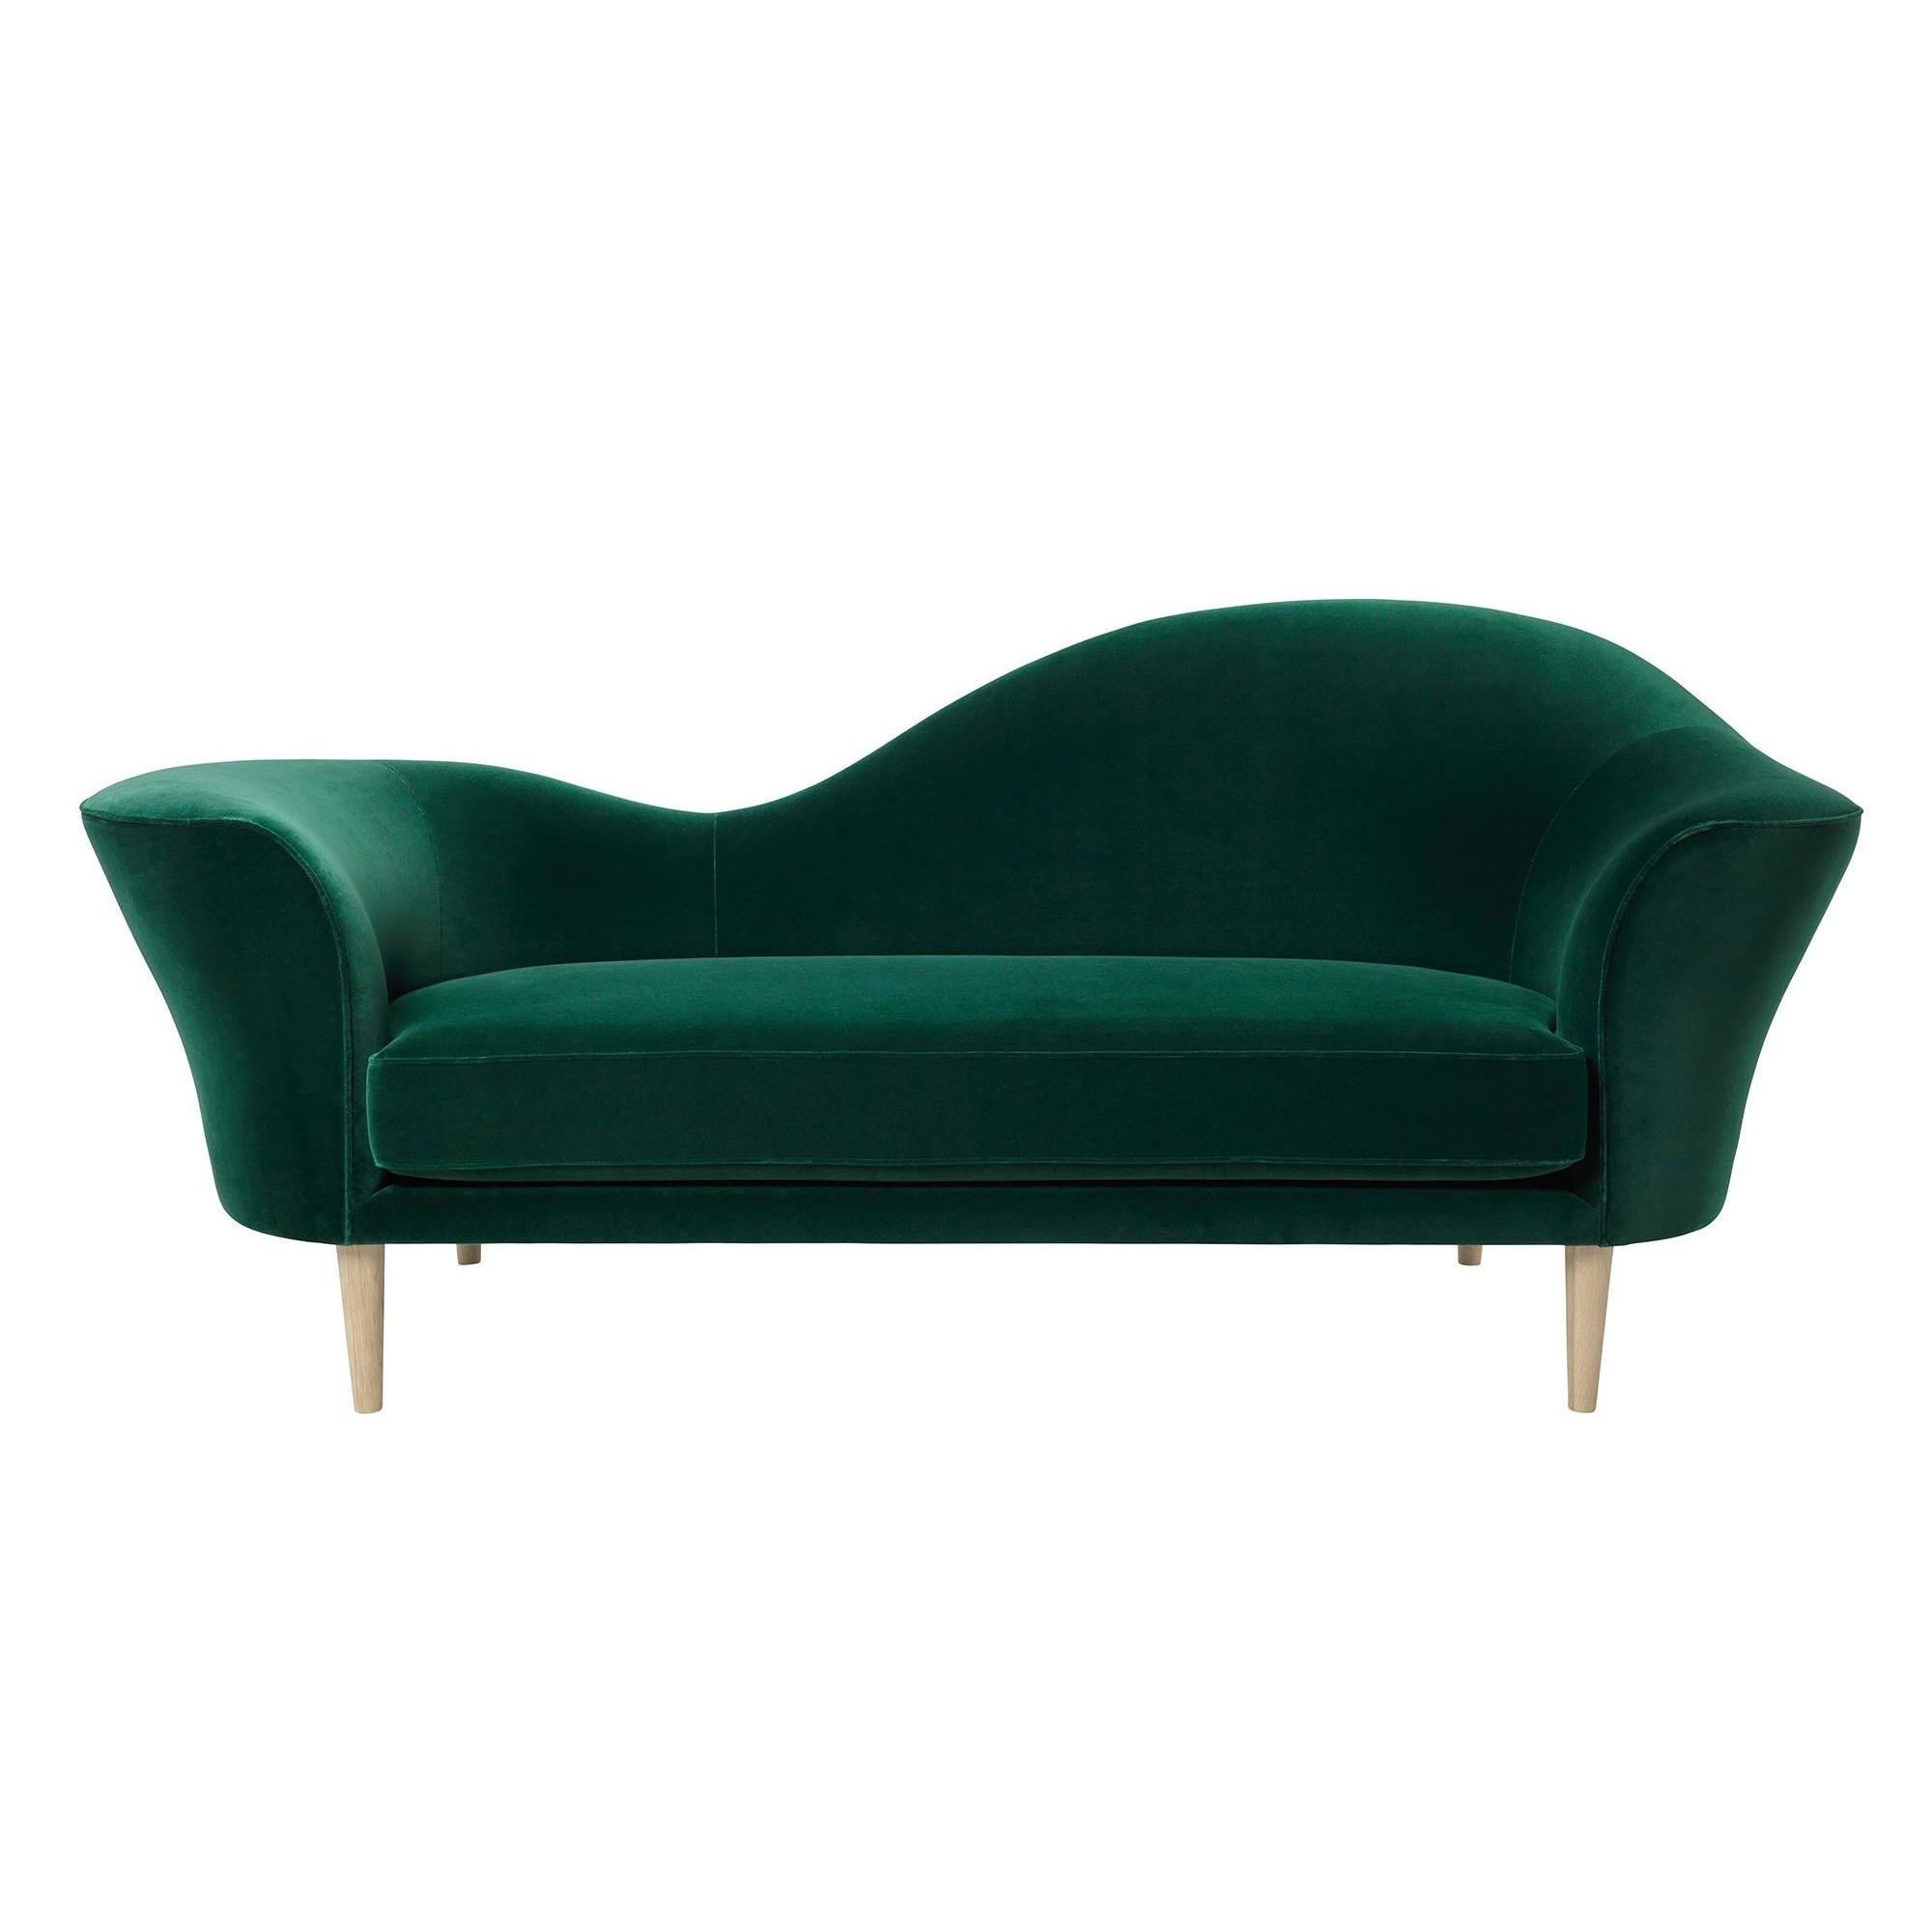 Full Size of 3 Sitzer Sofa Ikea Grau Mit Bettfunktion Schlaffunktion Leder Poco Federkern Roller Nockeby Ektorp Und Bettkasten 2 Sessel Couch Klippan Gubi Grand Piano Sofa 3 Sitzer Sofa